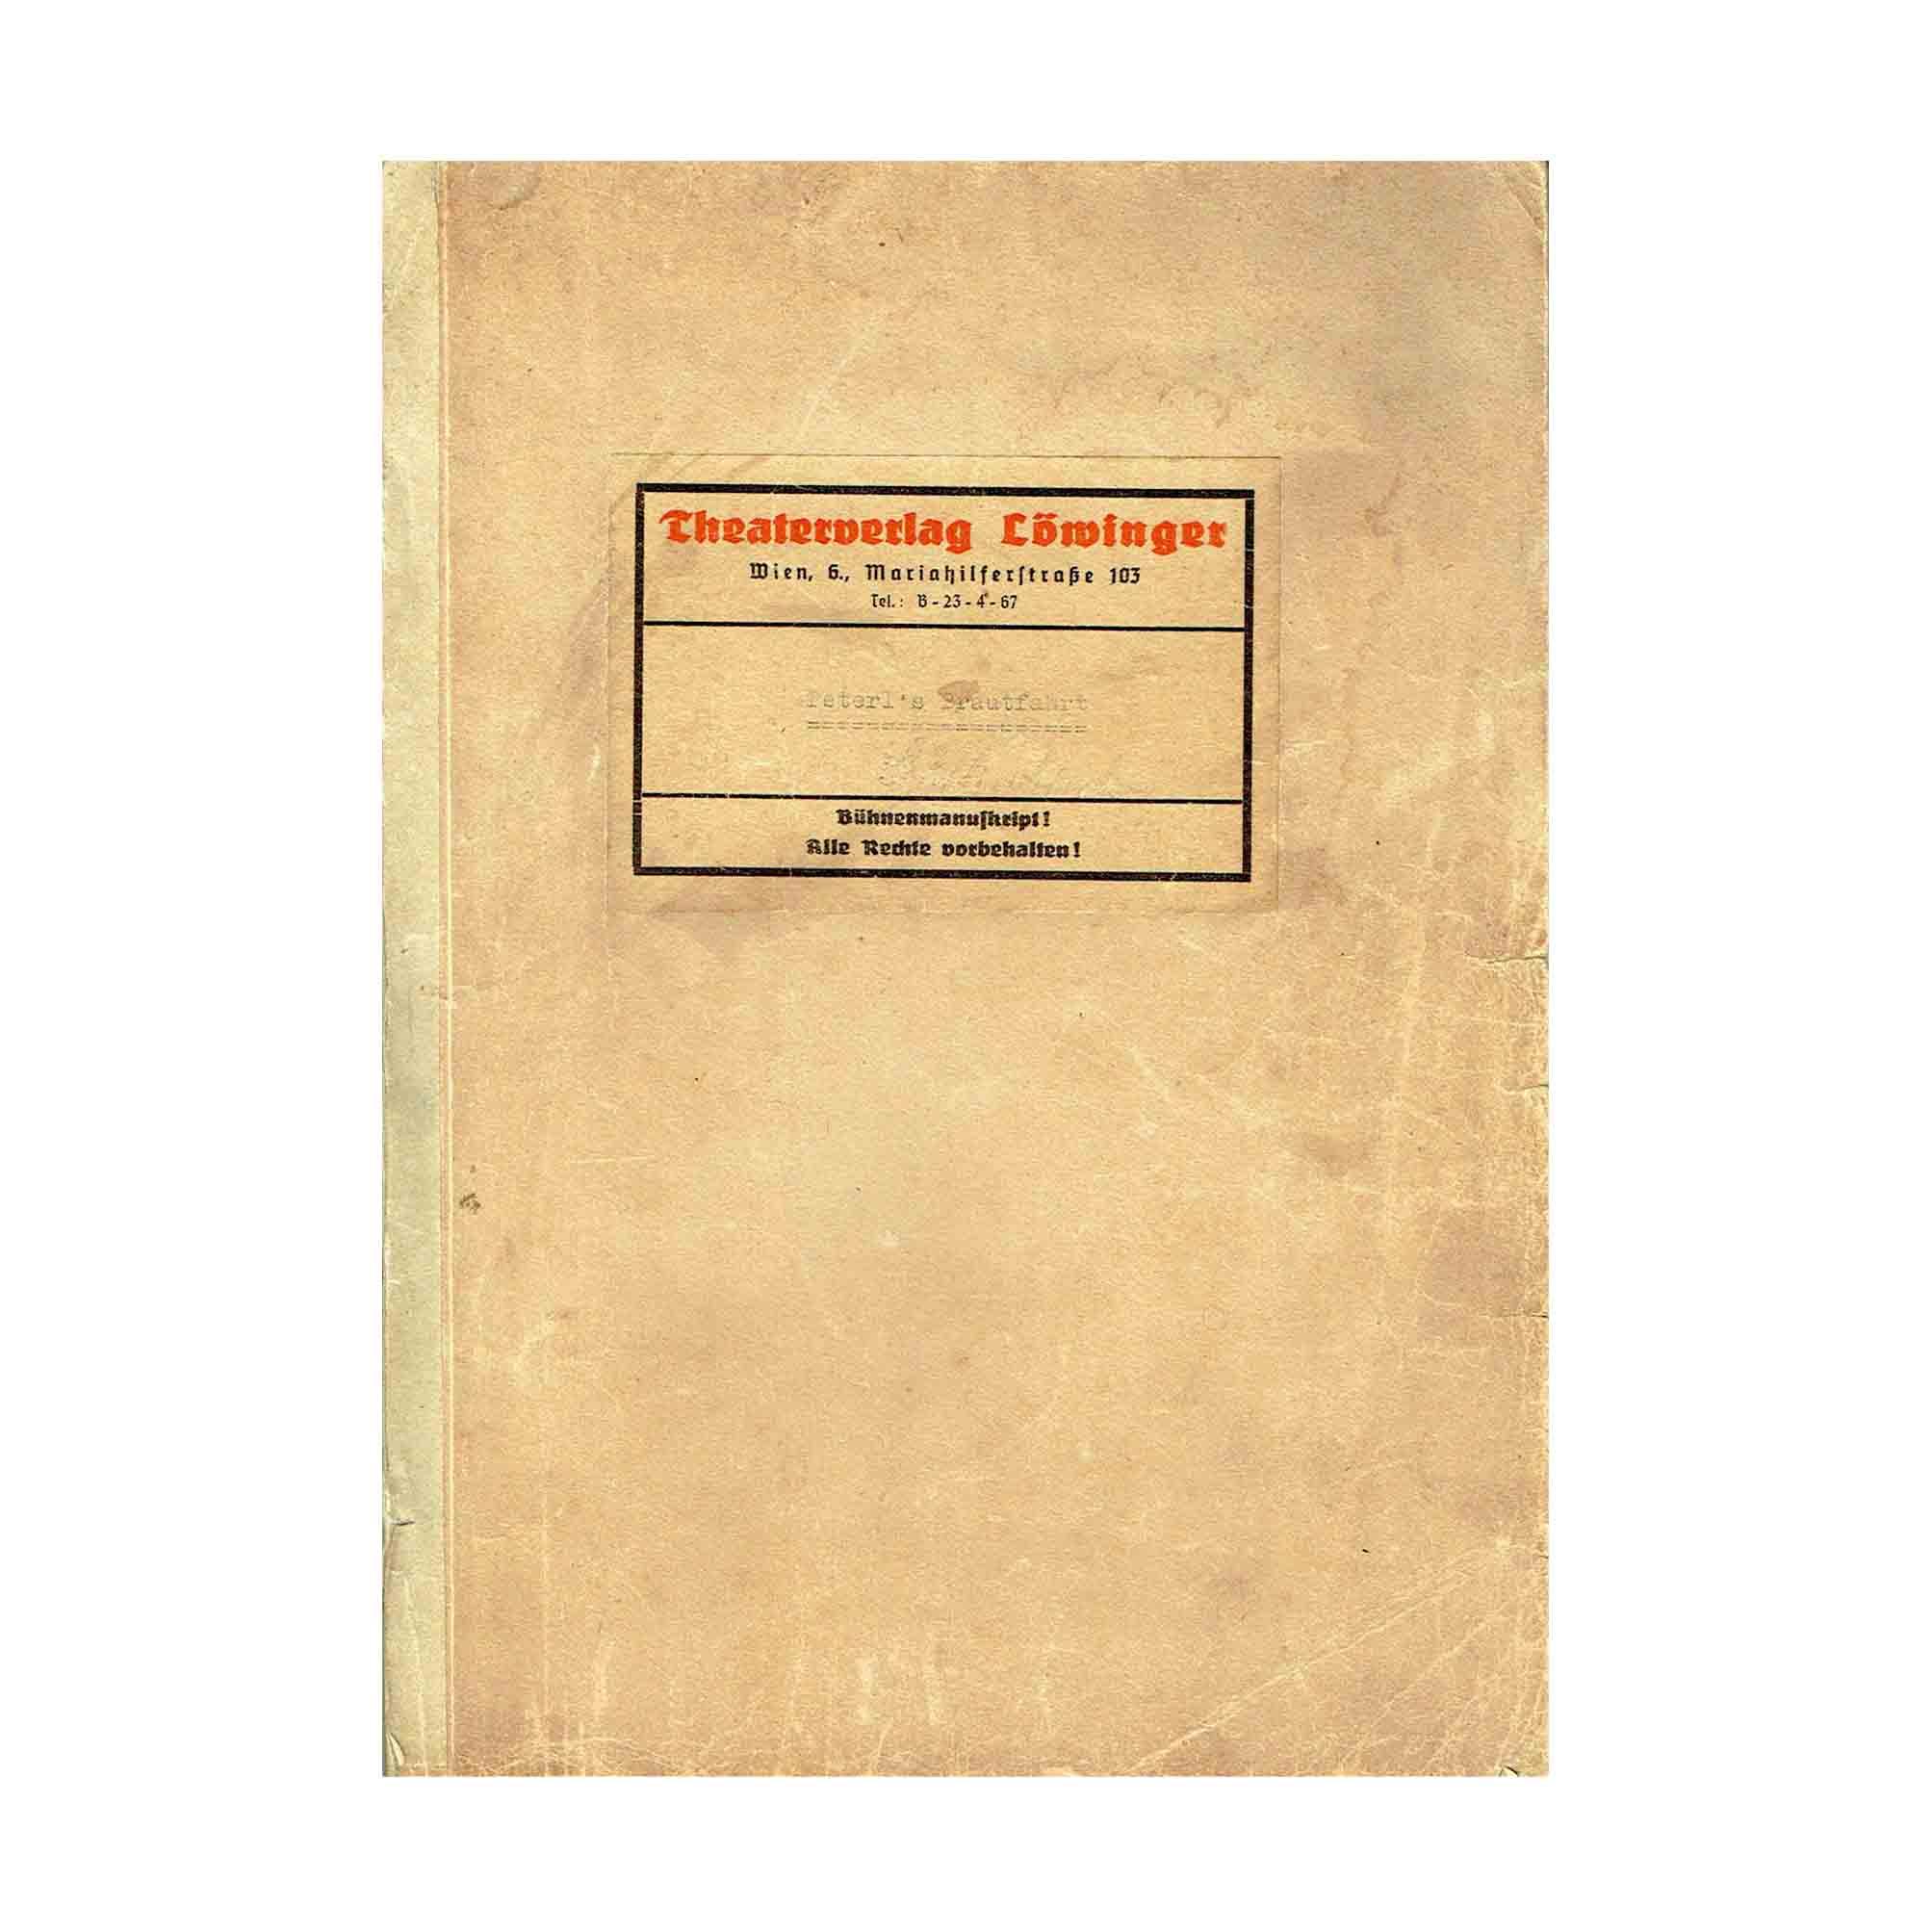 5957-Loewinger-Peterls-Brautfahrt-1934-Soufflierbuch-Umschlag-N.jpeg